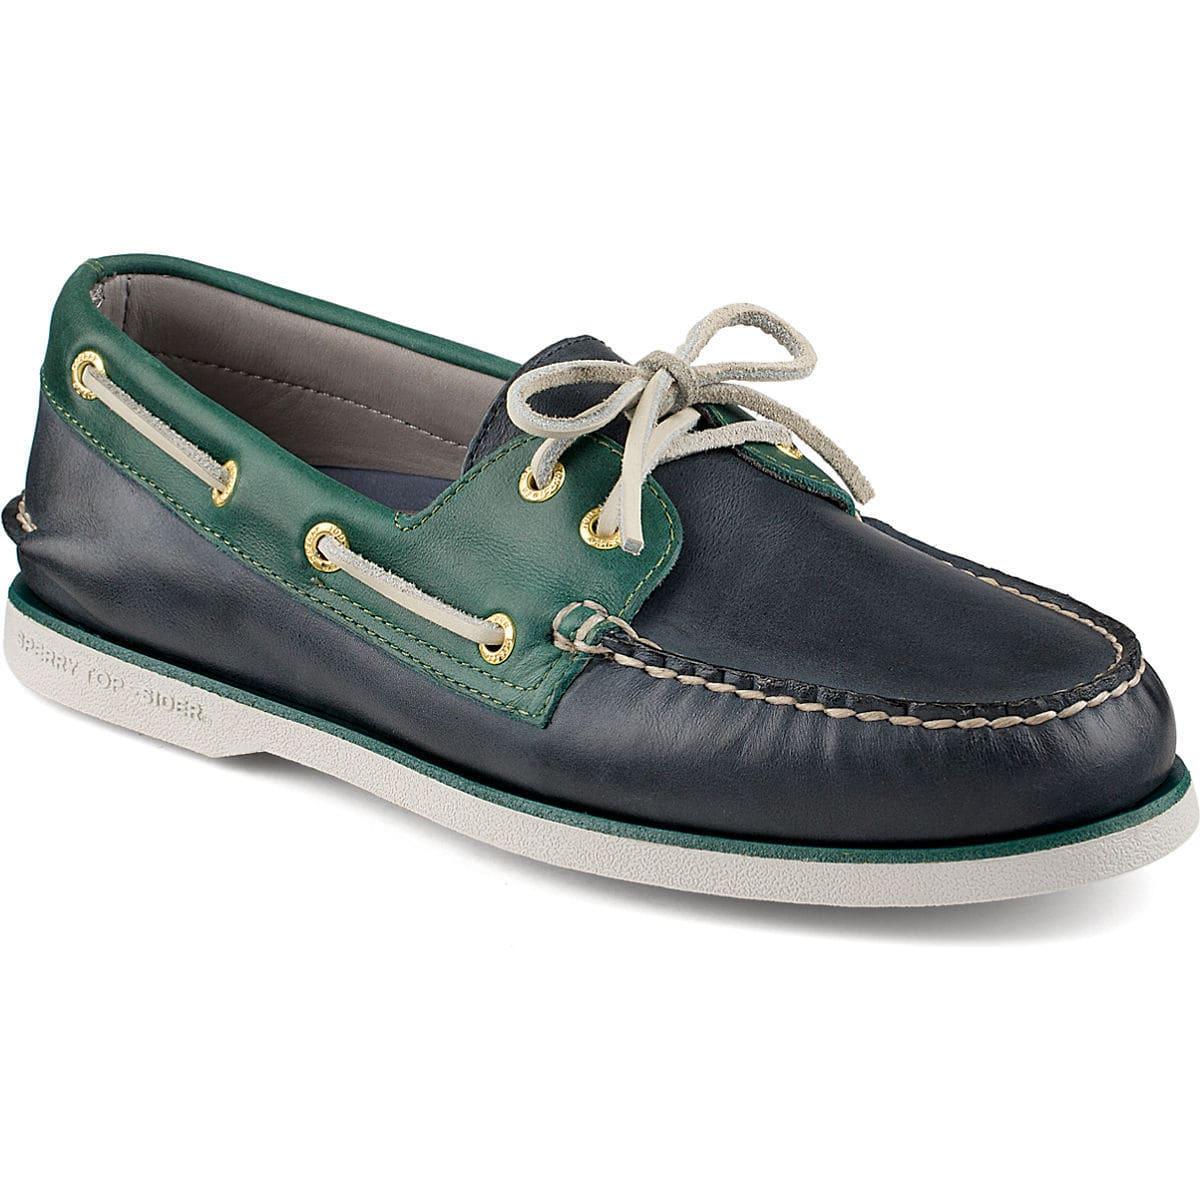 Zapatos de cubierta / para hombre , GOLD CUP AUTHENTIC ORIGINAL 2,EYE